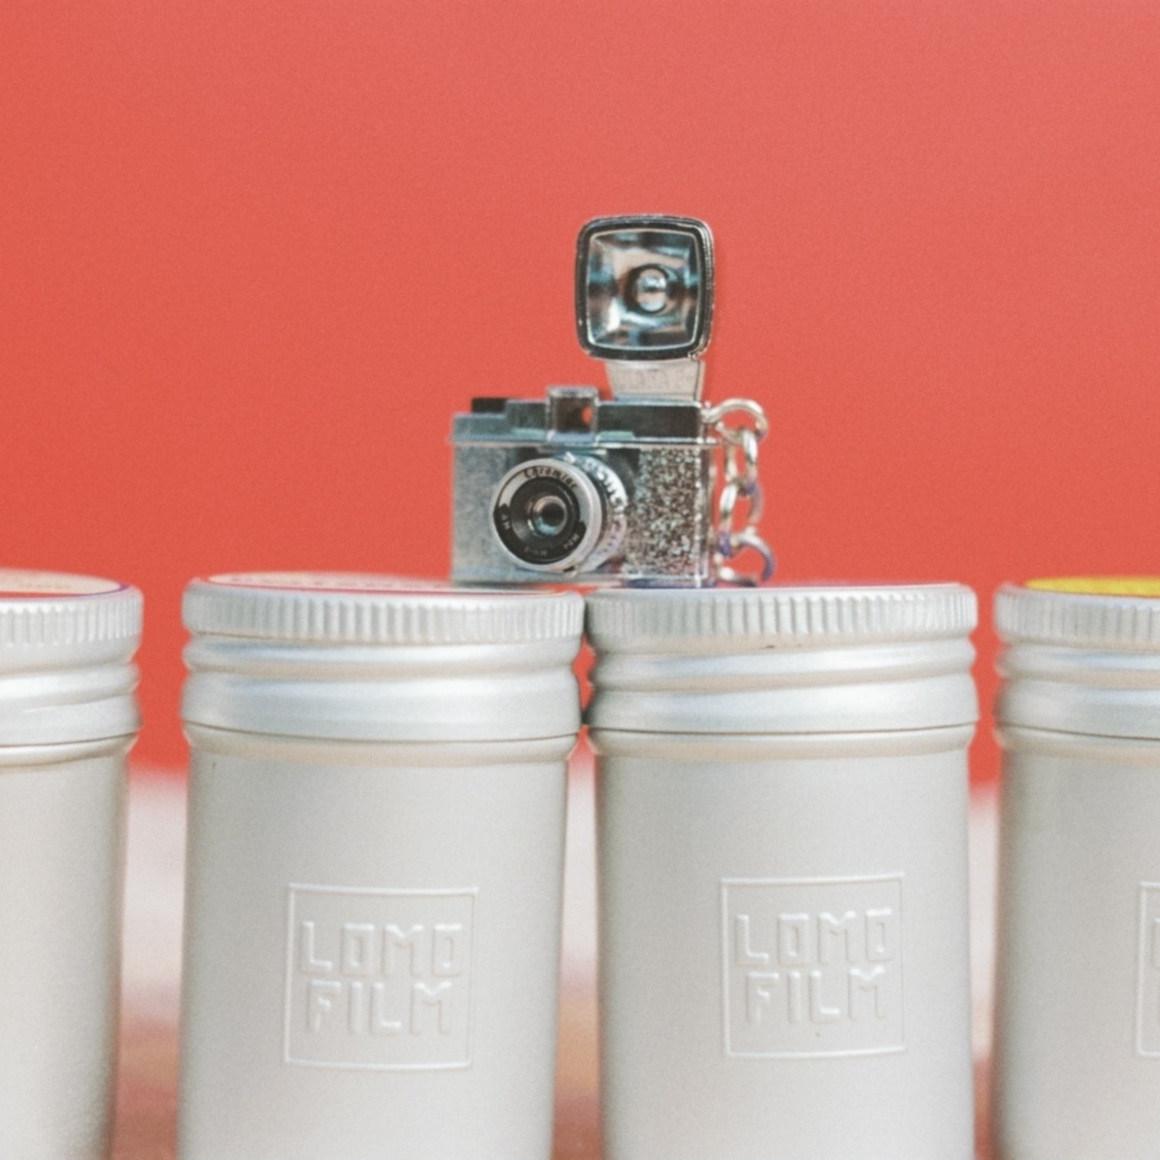 Lomographyの個性派フィルム4種撮り比べ。見慣れた場所でも世界観が一気に変わる!